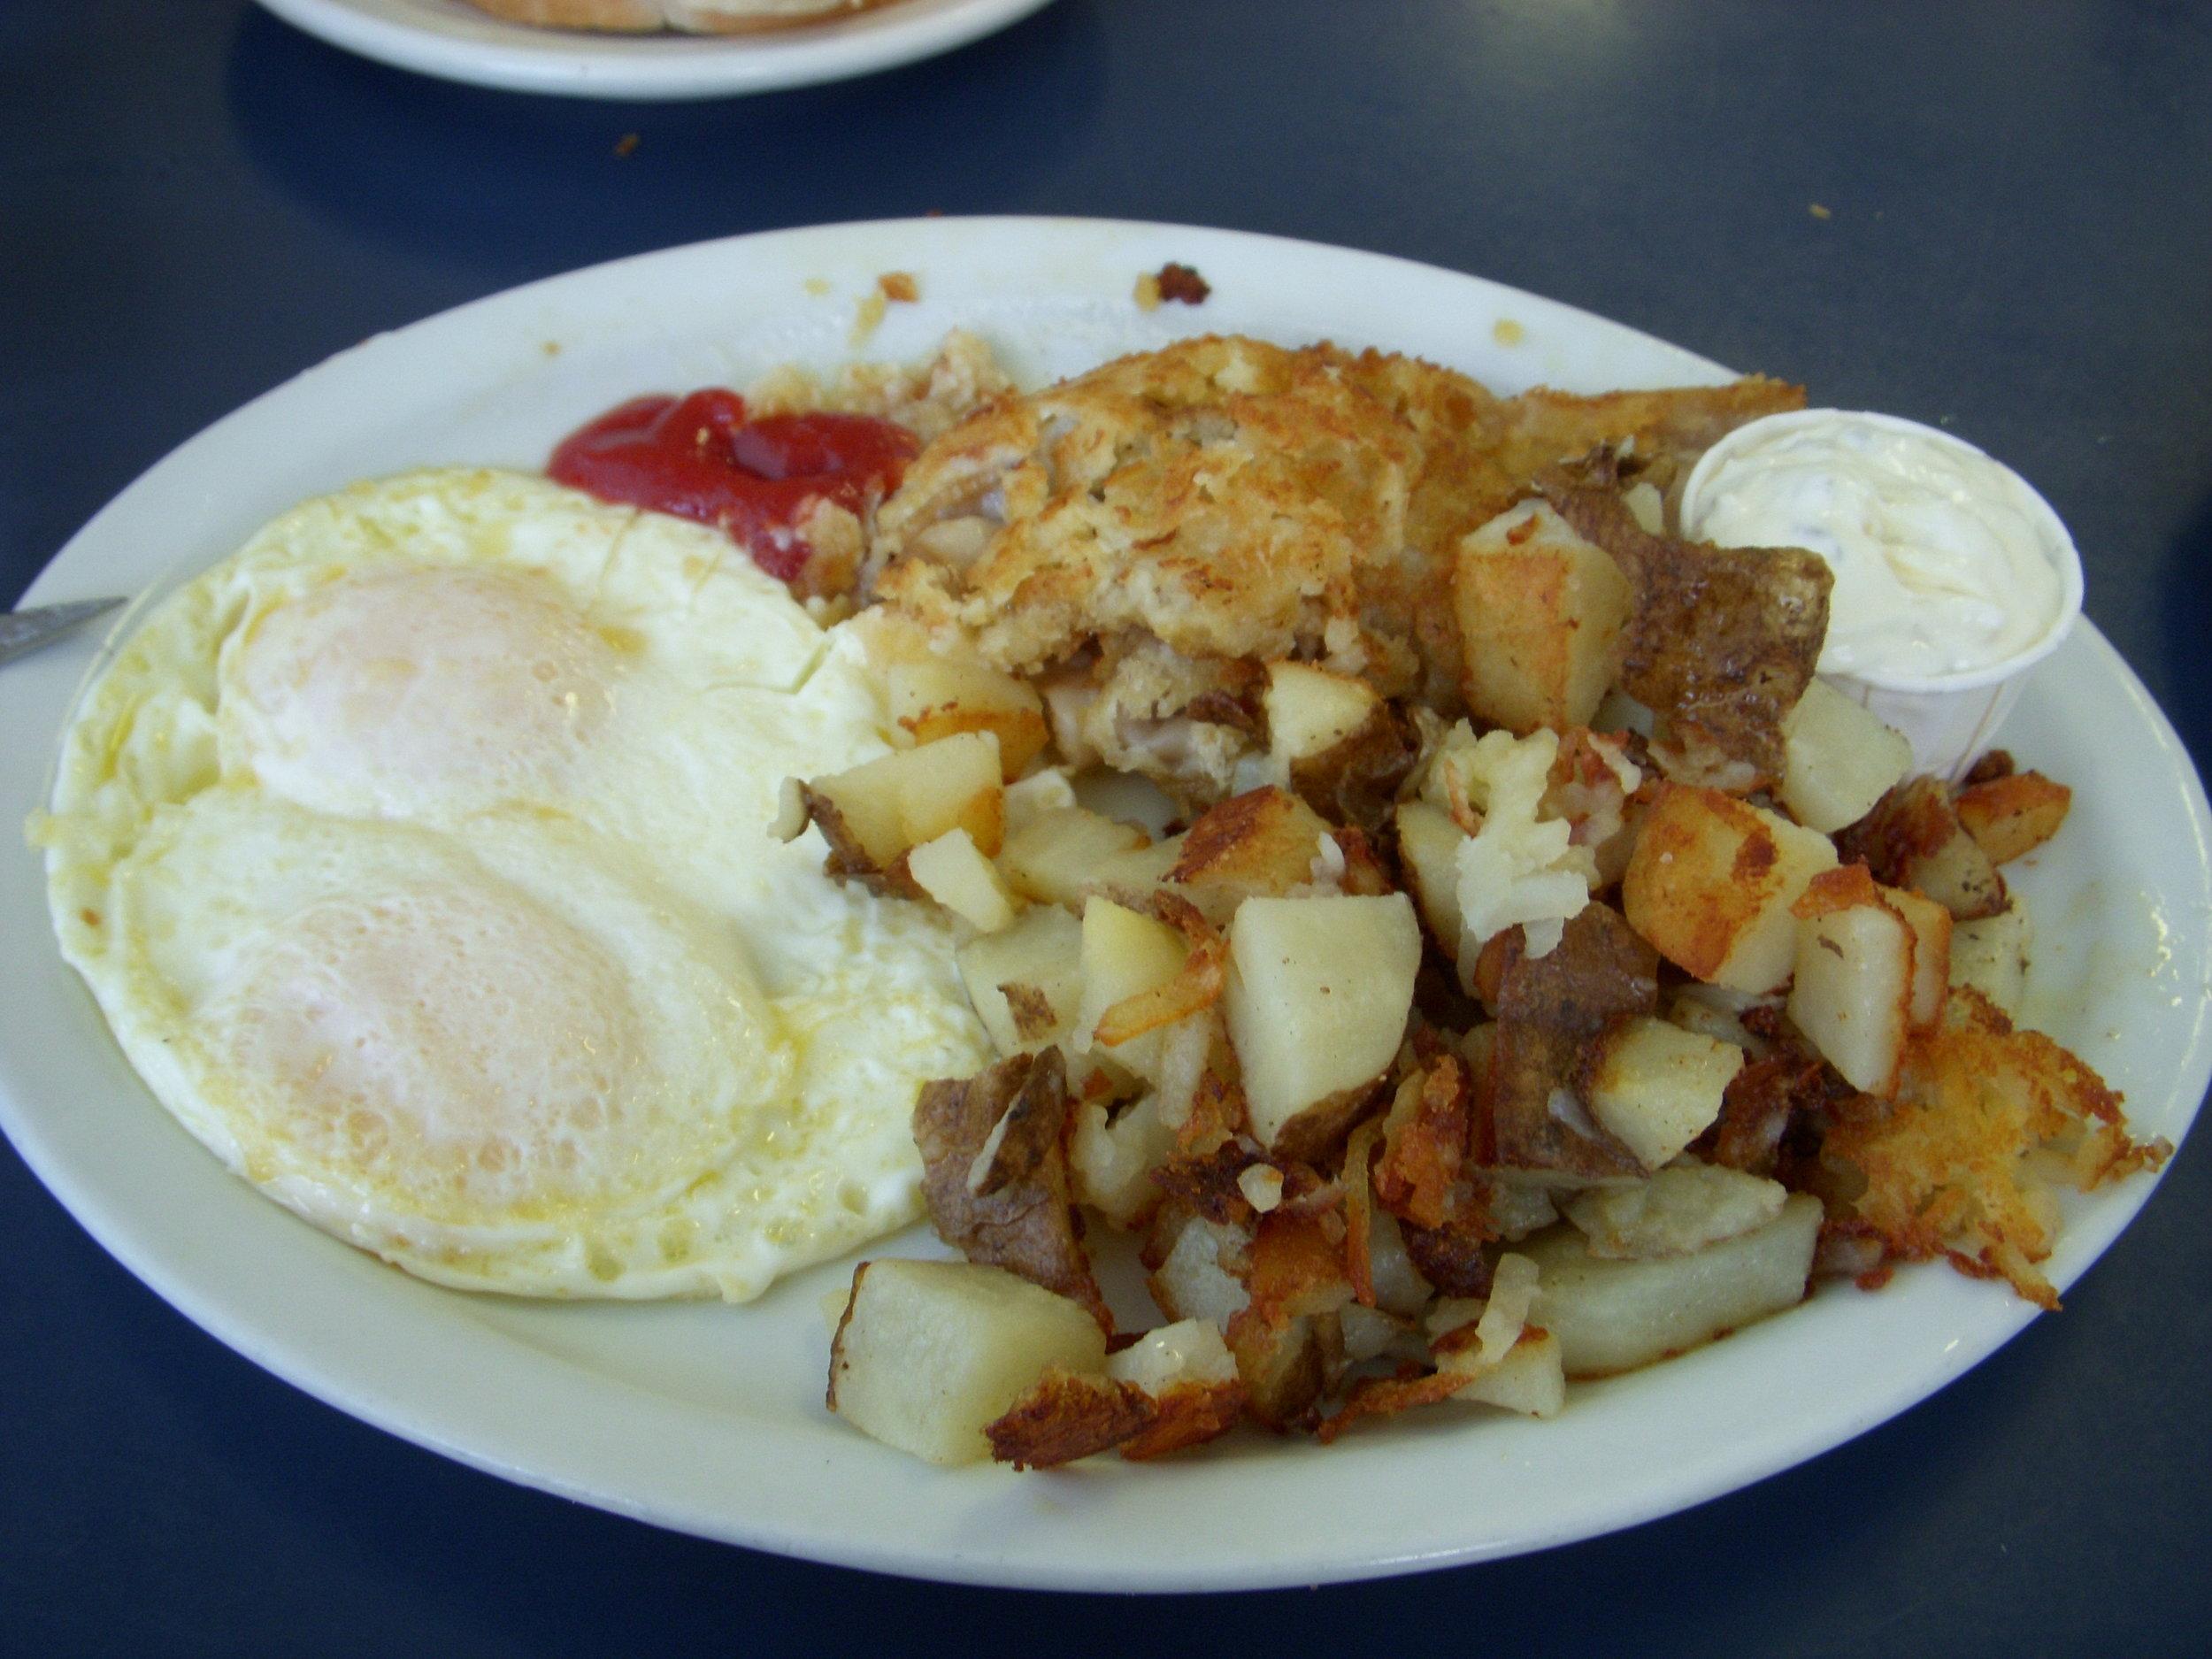 Razor clams for breakfast